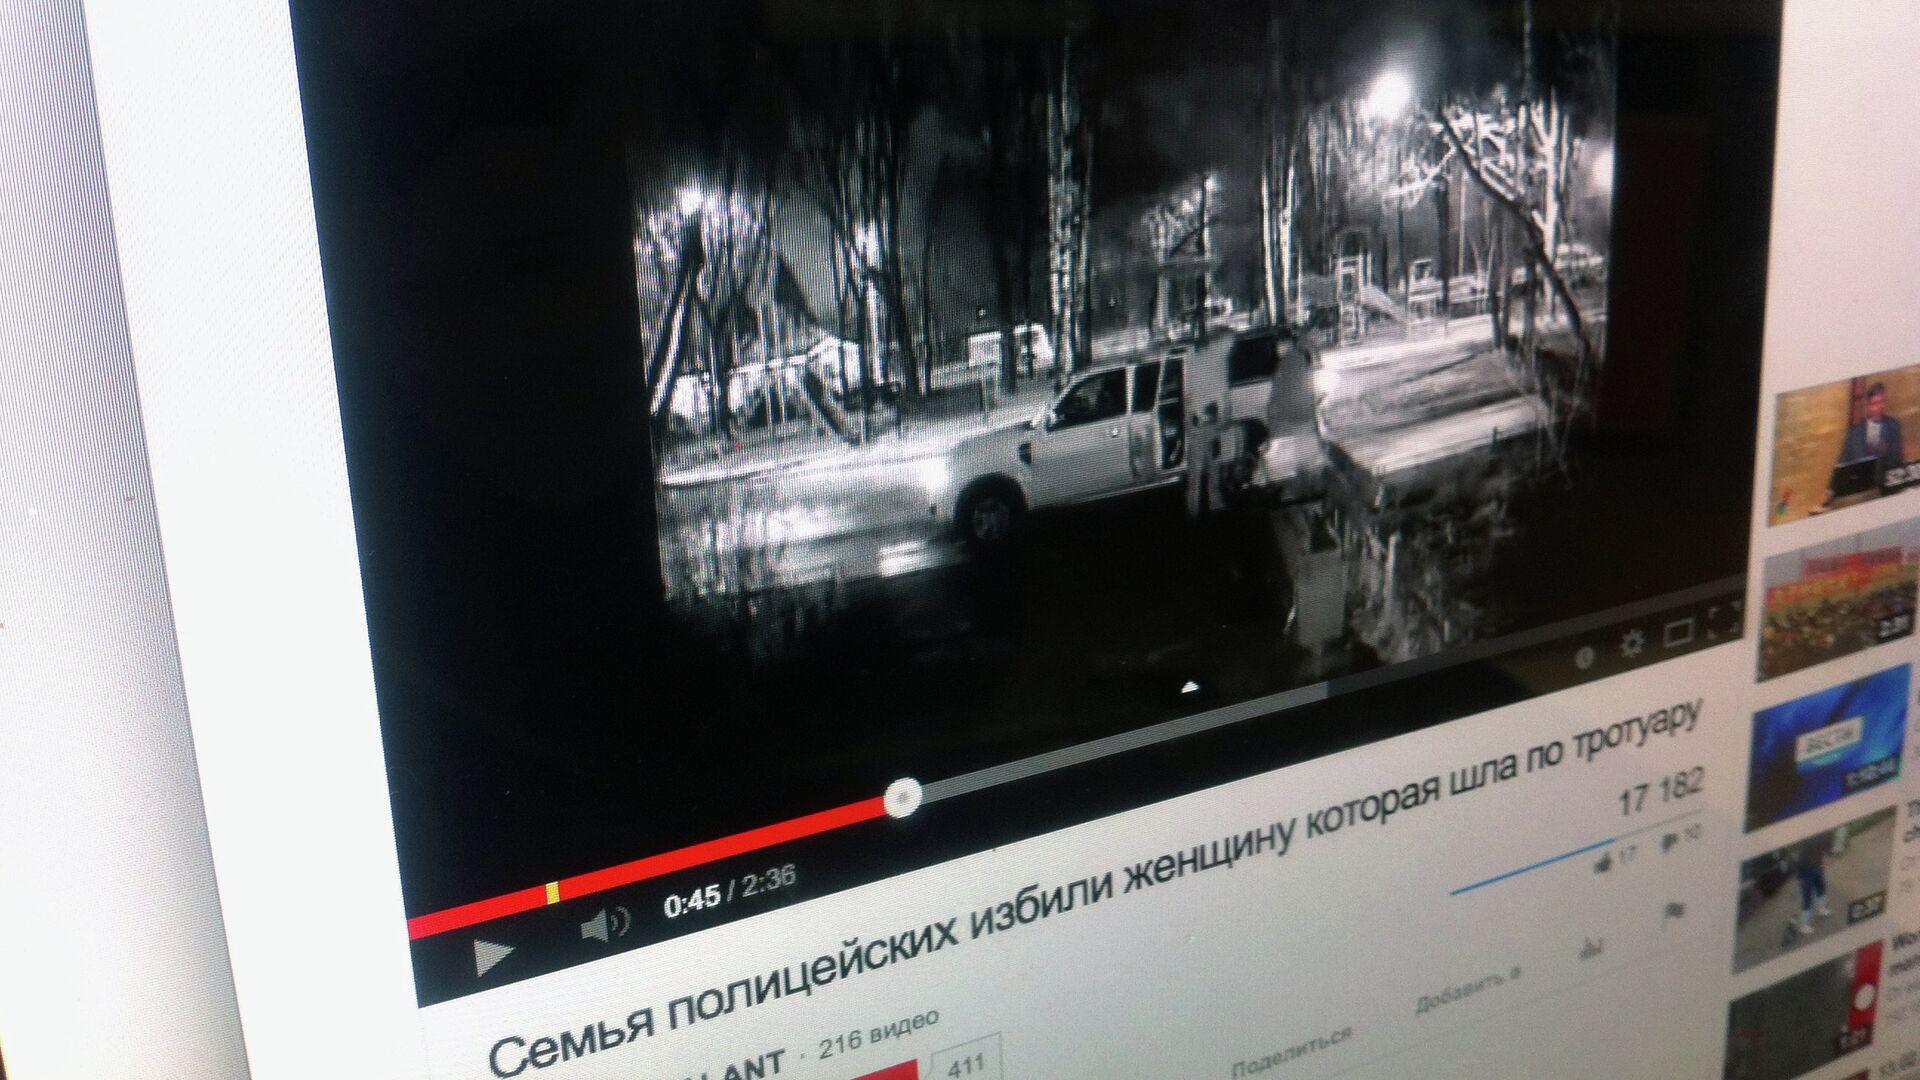 Видезапись, где толкают на тротуаре девушку с маленьким ребенком в коляске - РИА Новости, 1920, 13.11.2020